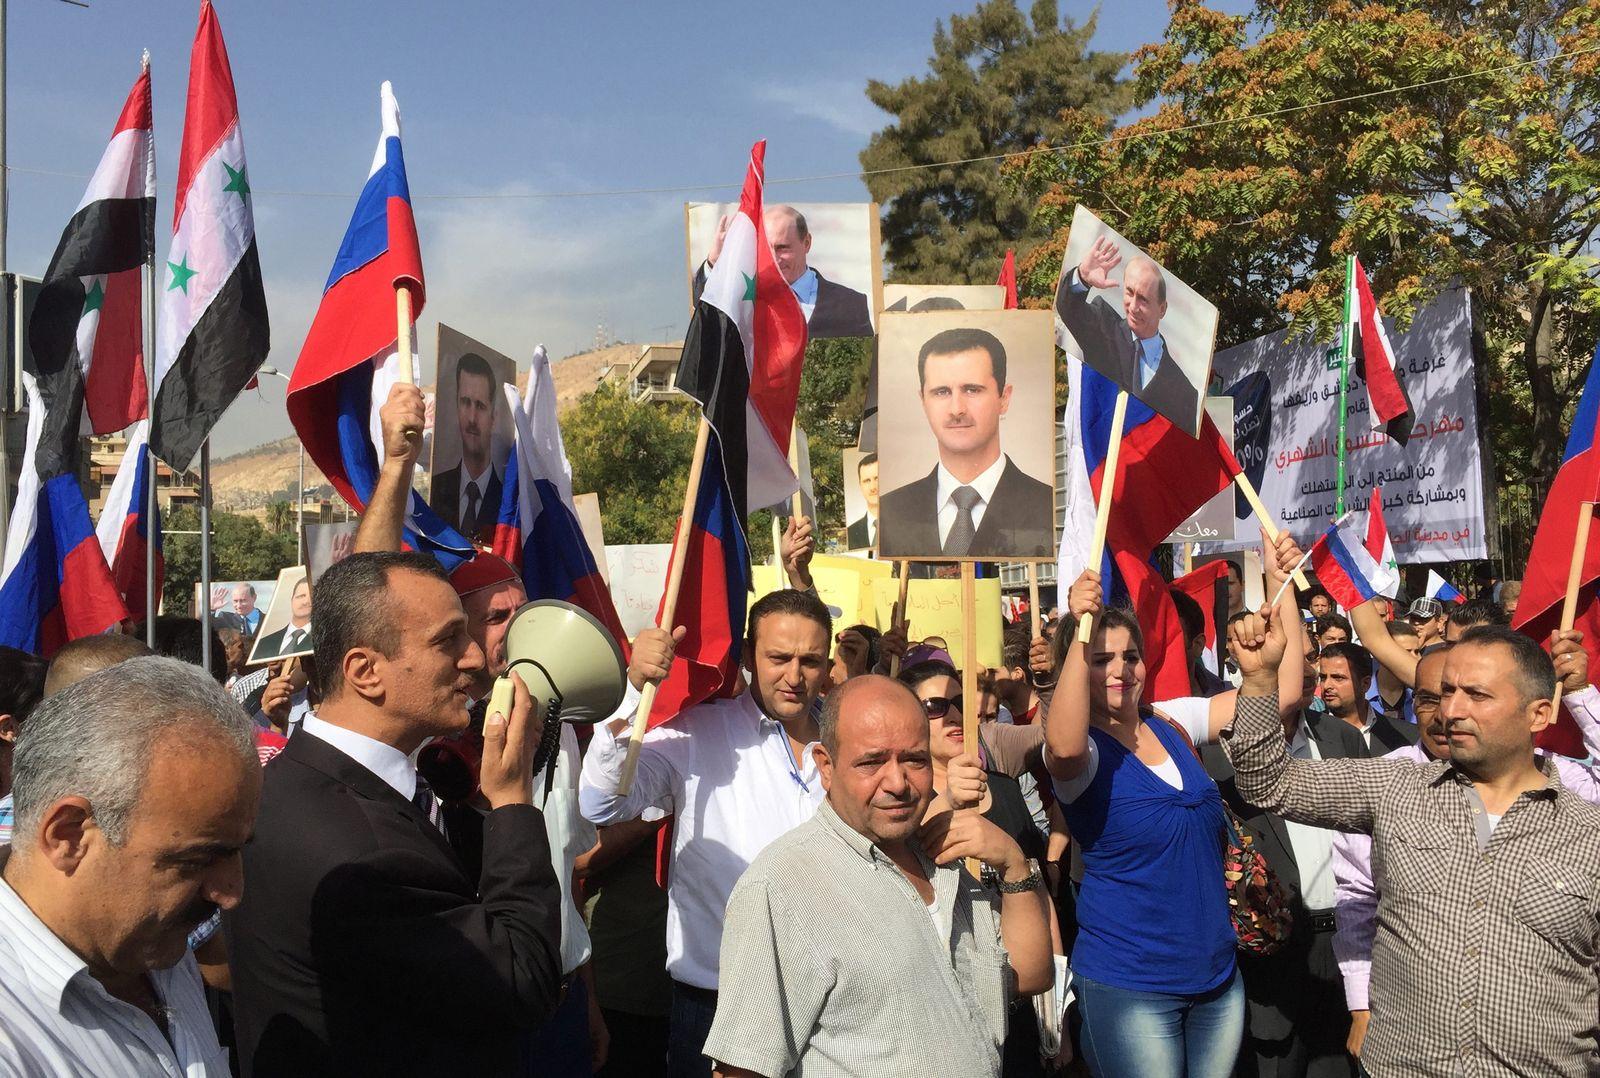 Syrien/ Damaskus/ Demonstration/ pro-russisch